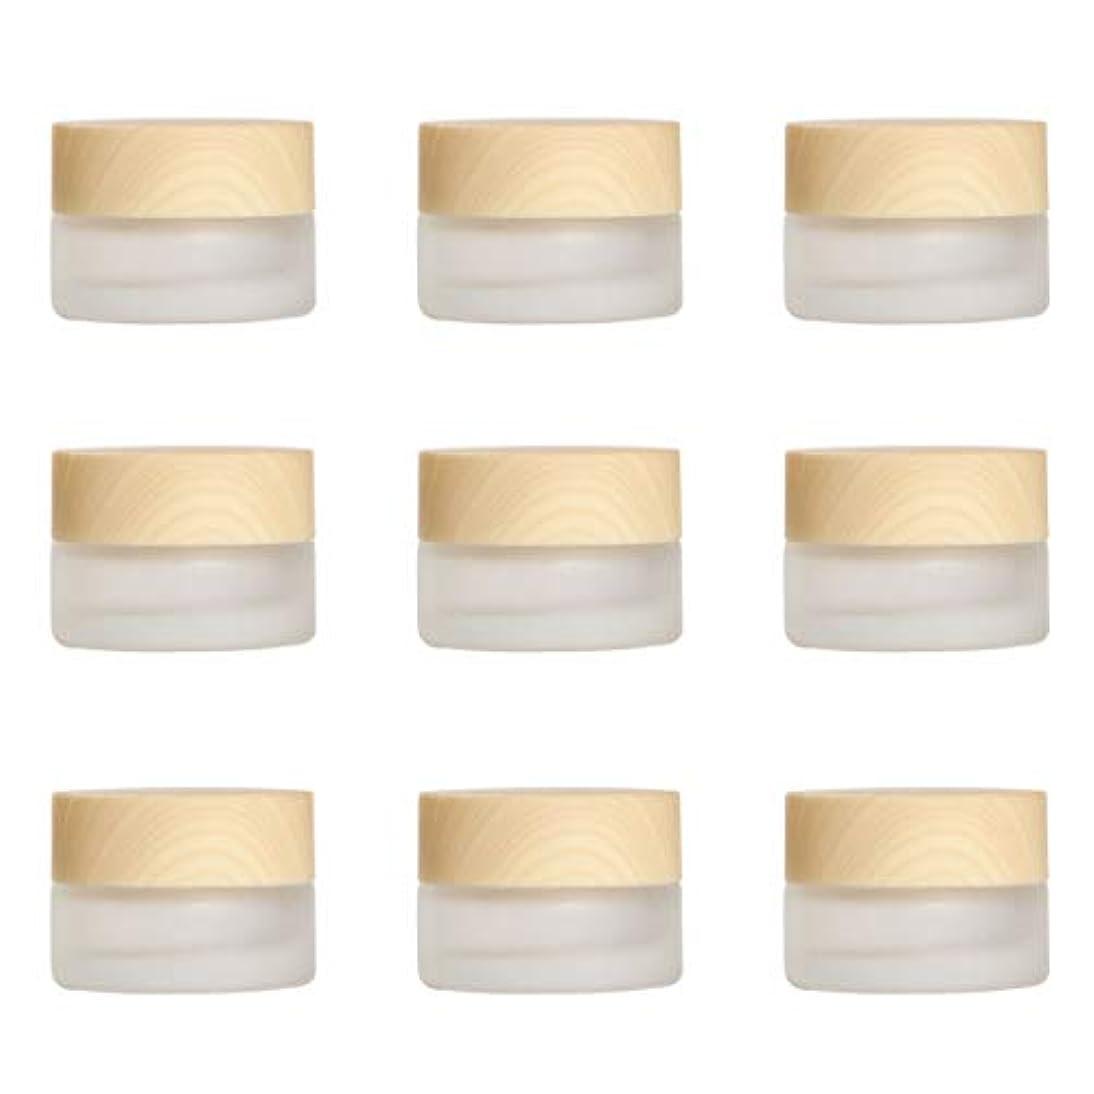 ターゲット膨らませるアクセシブルYiteng スポイト遮光瓶 アロマオイル 精油 香水やアロマの保存 小分け用 遮光瓶 保存 詰替え ガラス製 9本セット (艶消しガラス5g)